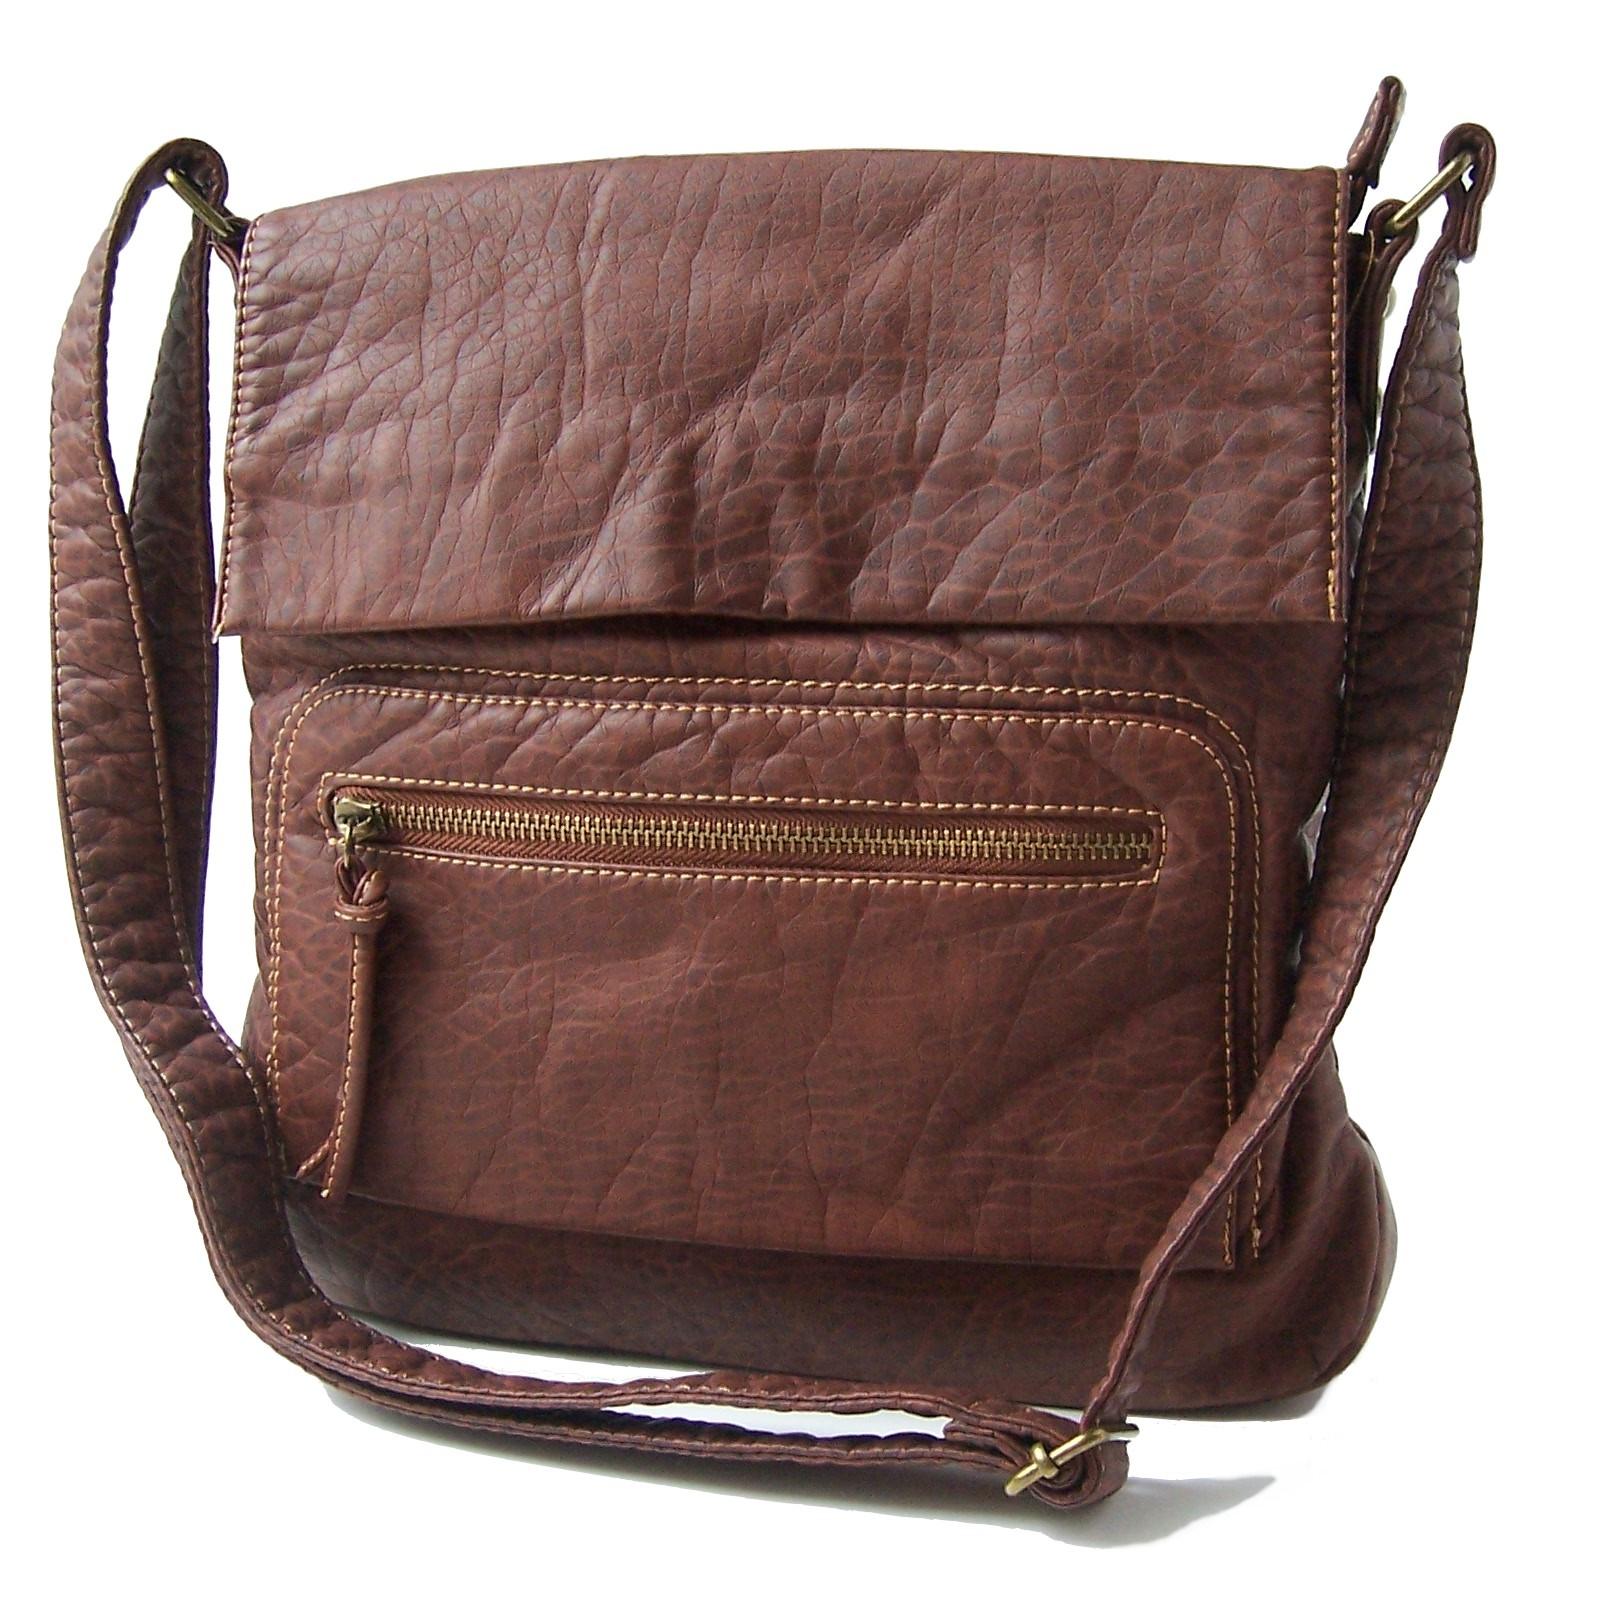 Handtasche Umhängetasche Leder-Look braun Damen Bag Street Ta7046